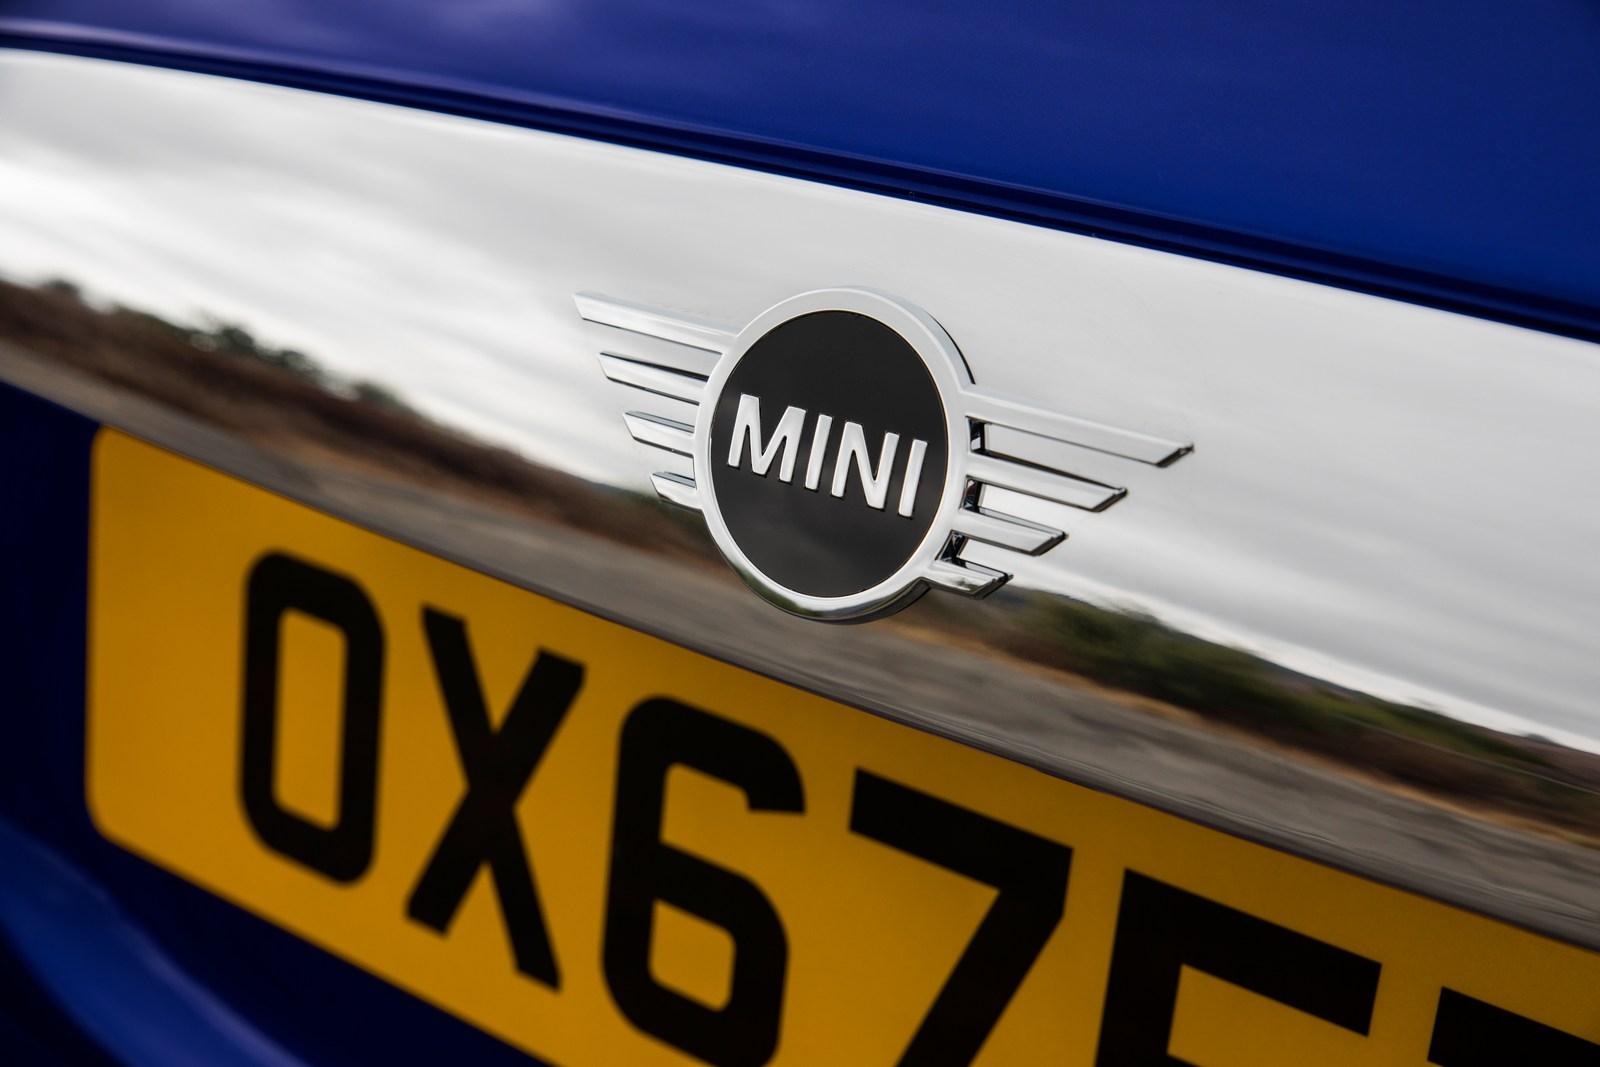 MINI-269